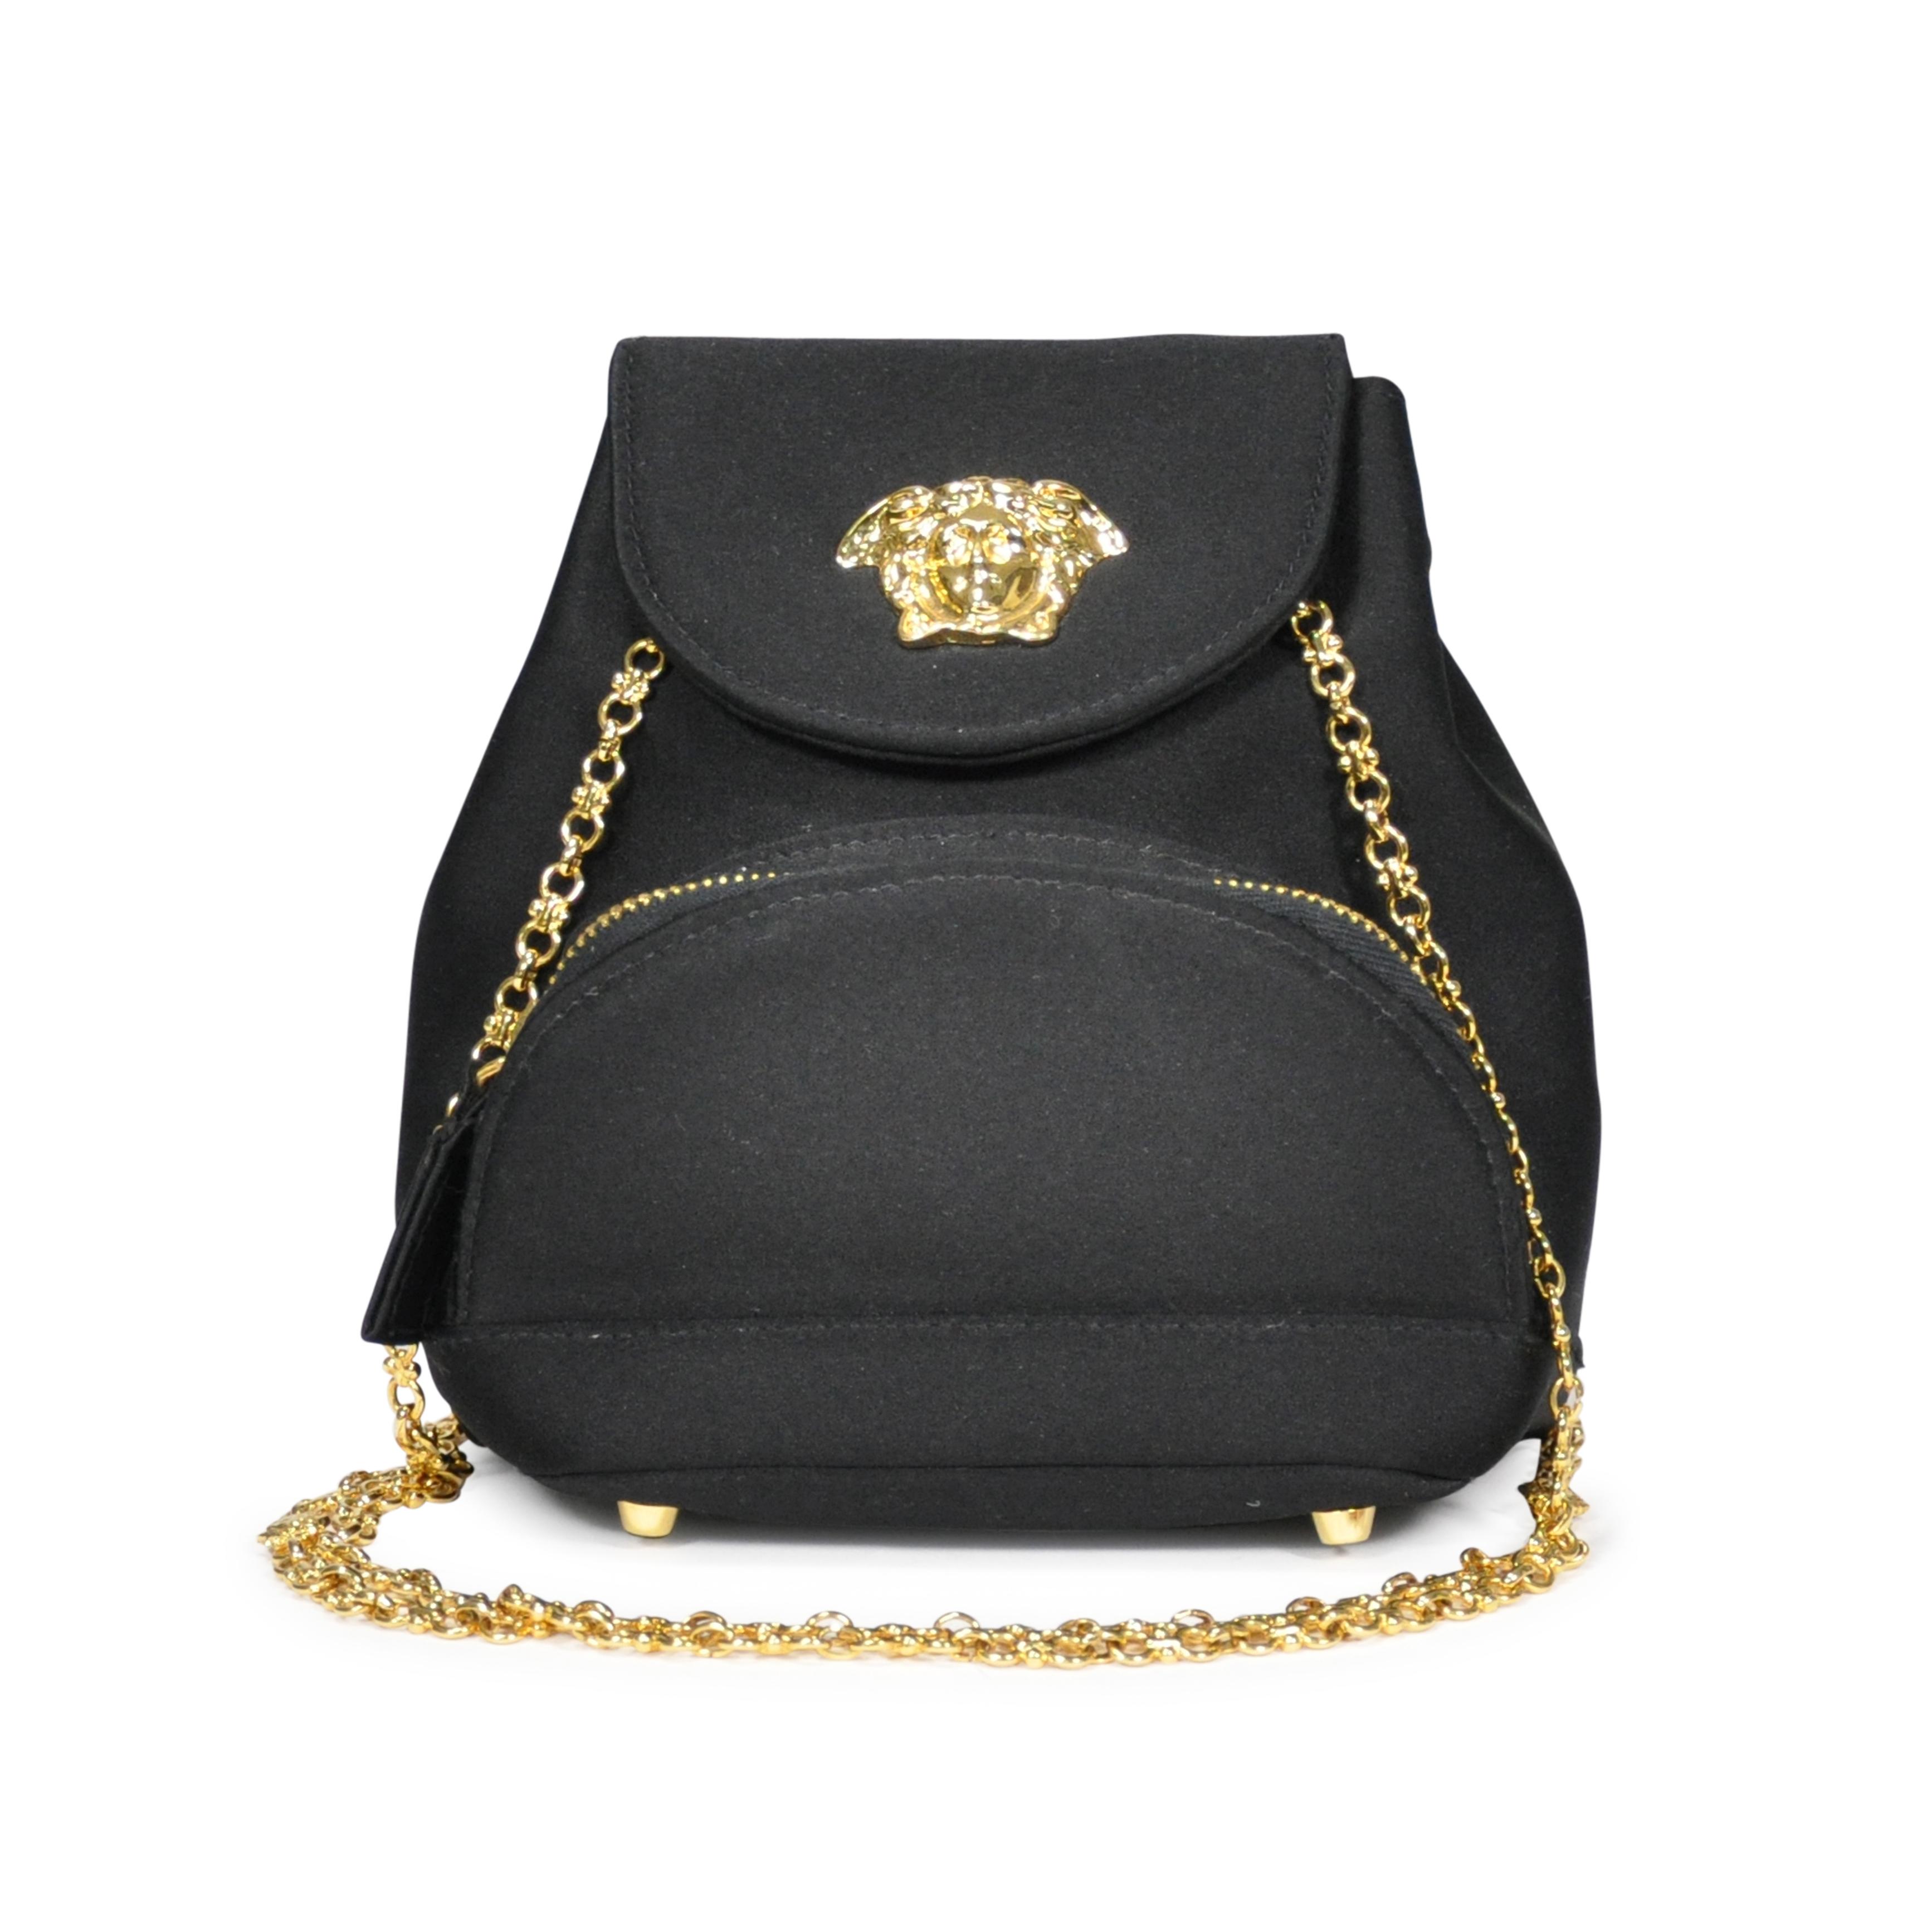 94e34c5bf2491 Authentic Vintage Versace Medusa Satin Bag (PSS-045-00081)